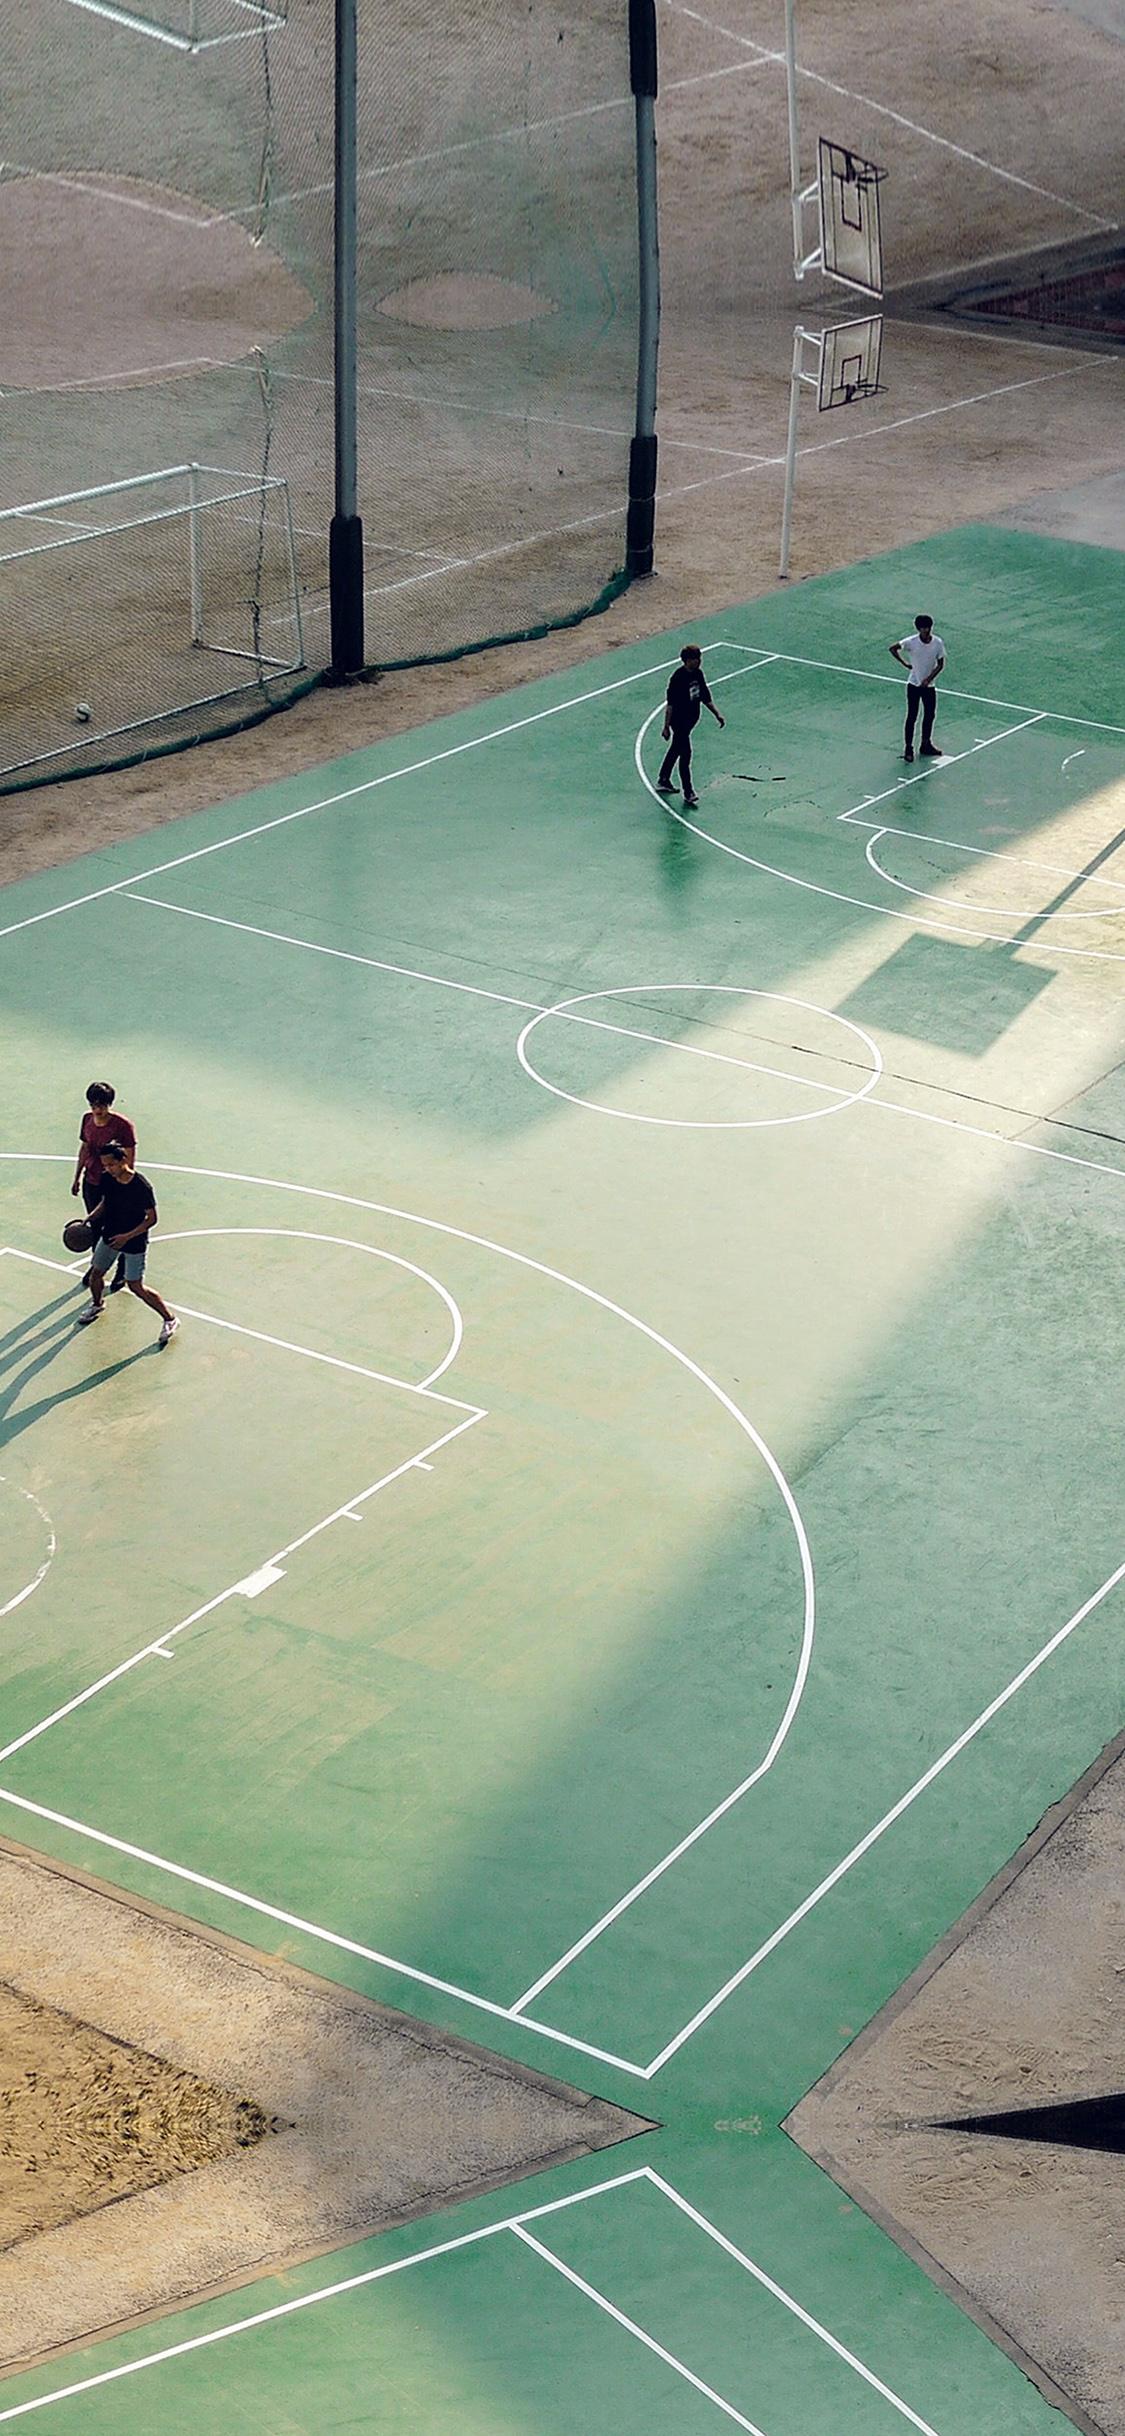 ng basketball green city sports art nba wallpaper